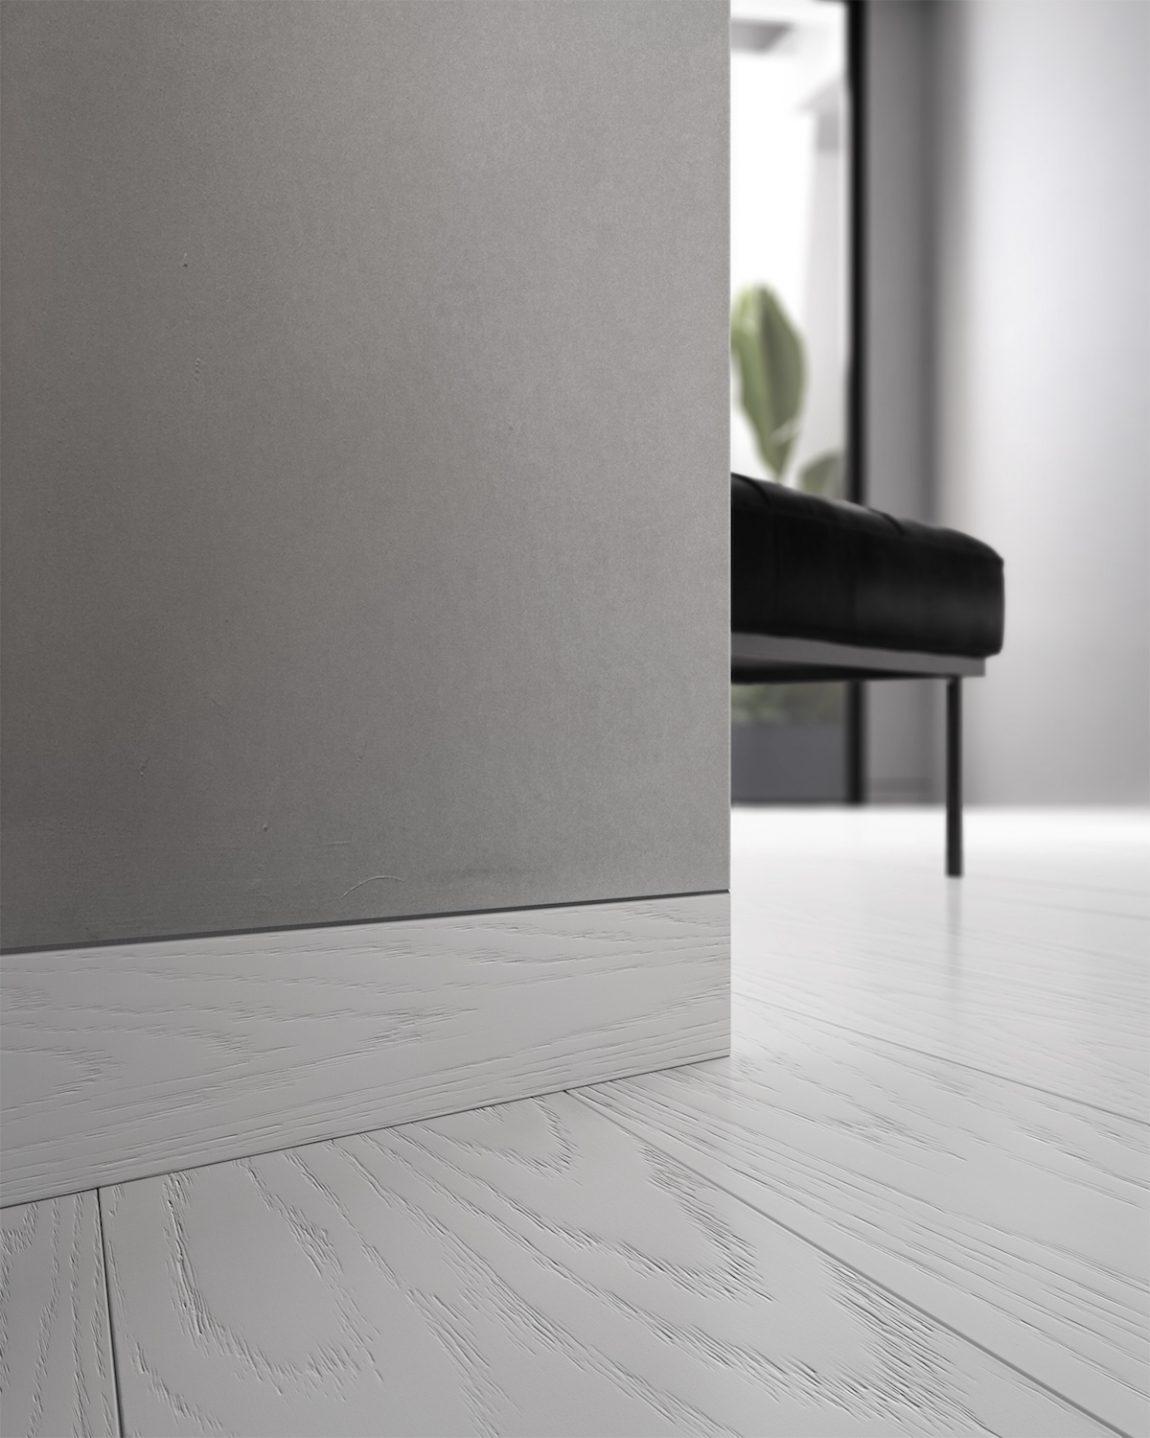 Battiscopa filo muro in legno bianco - Garofoli